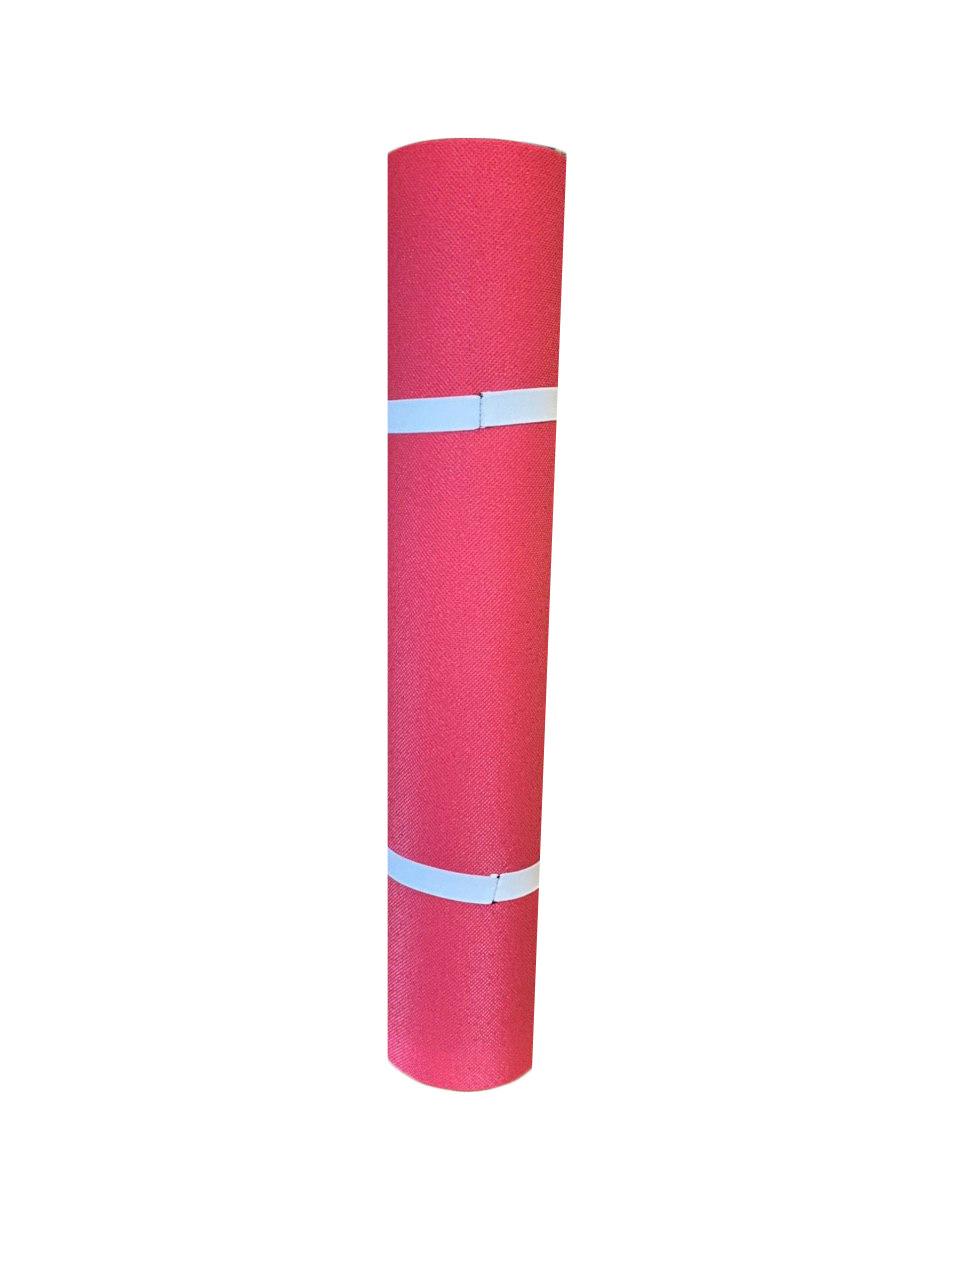 Каремат для фитнеса и йоги, красный, т. 8 мм, размер 60х150 см, производитель Украина, TERMOIZOL®